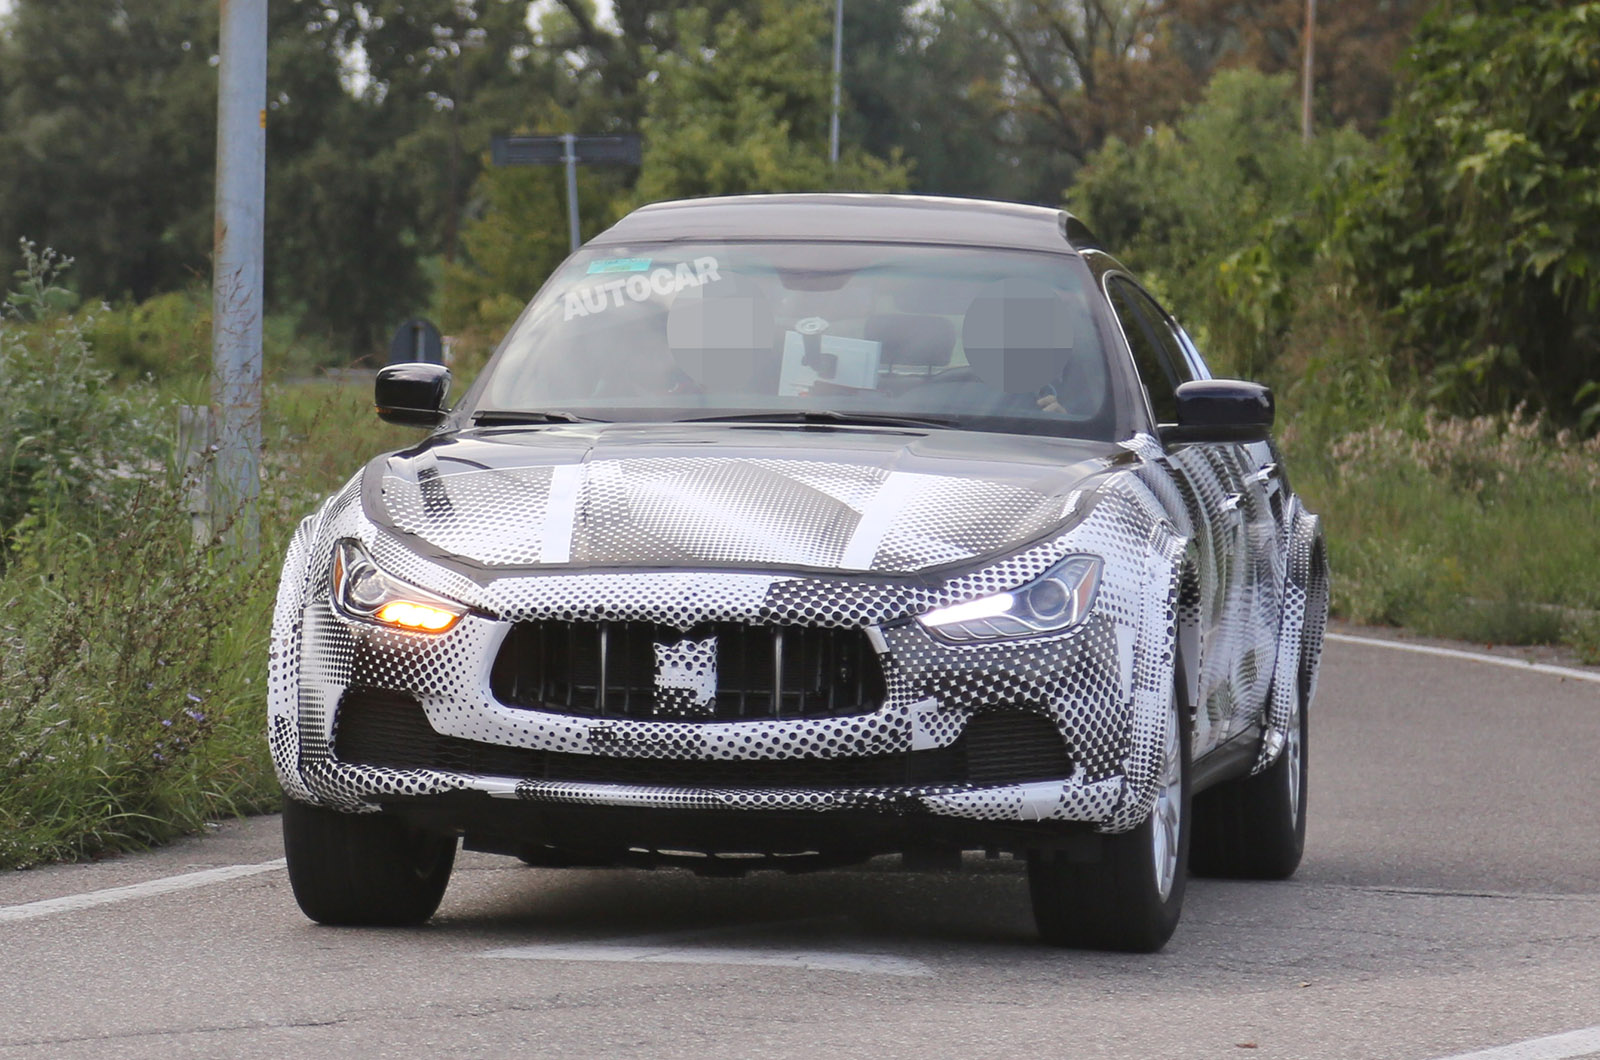 مشخصات مازراتی لوانته قیمت مازراتی لوانته قیمت مازراتی خودرو لوکس Maserati Levante